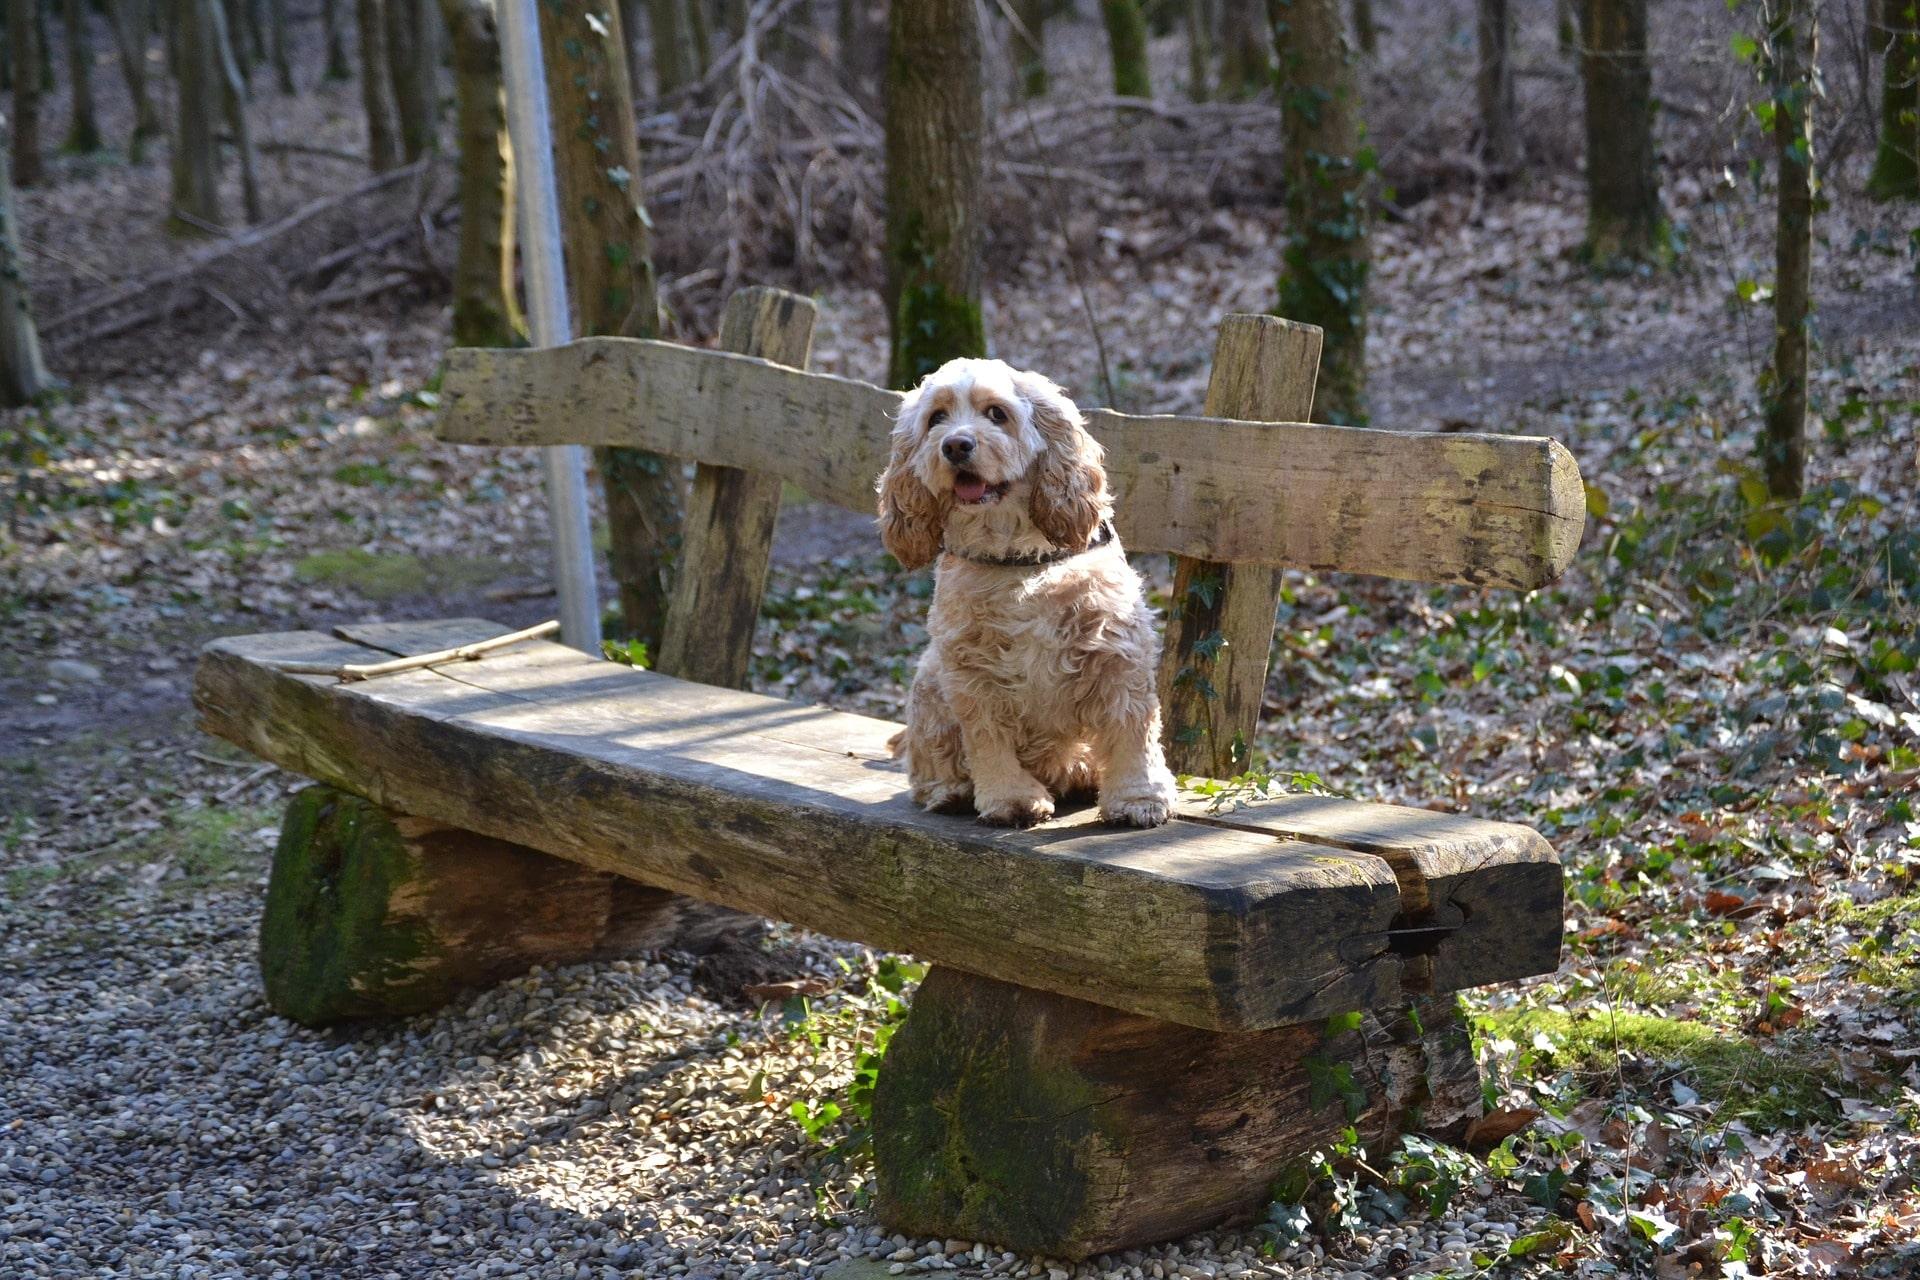 Nicht umsonst gehört der Cocker Spaniel zu den beliebtesten Hunderassen.